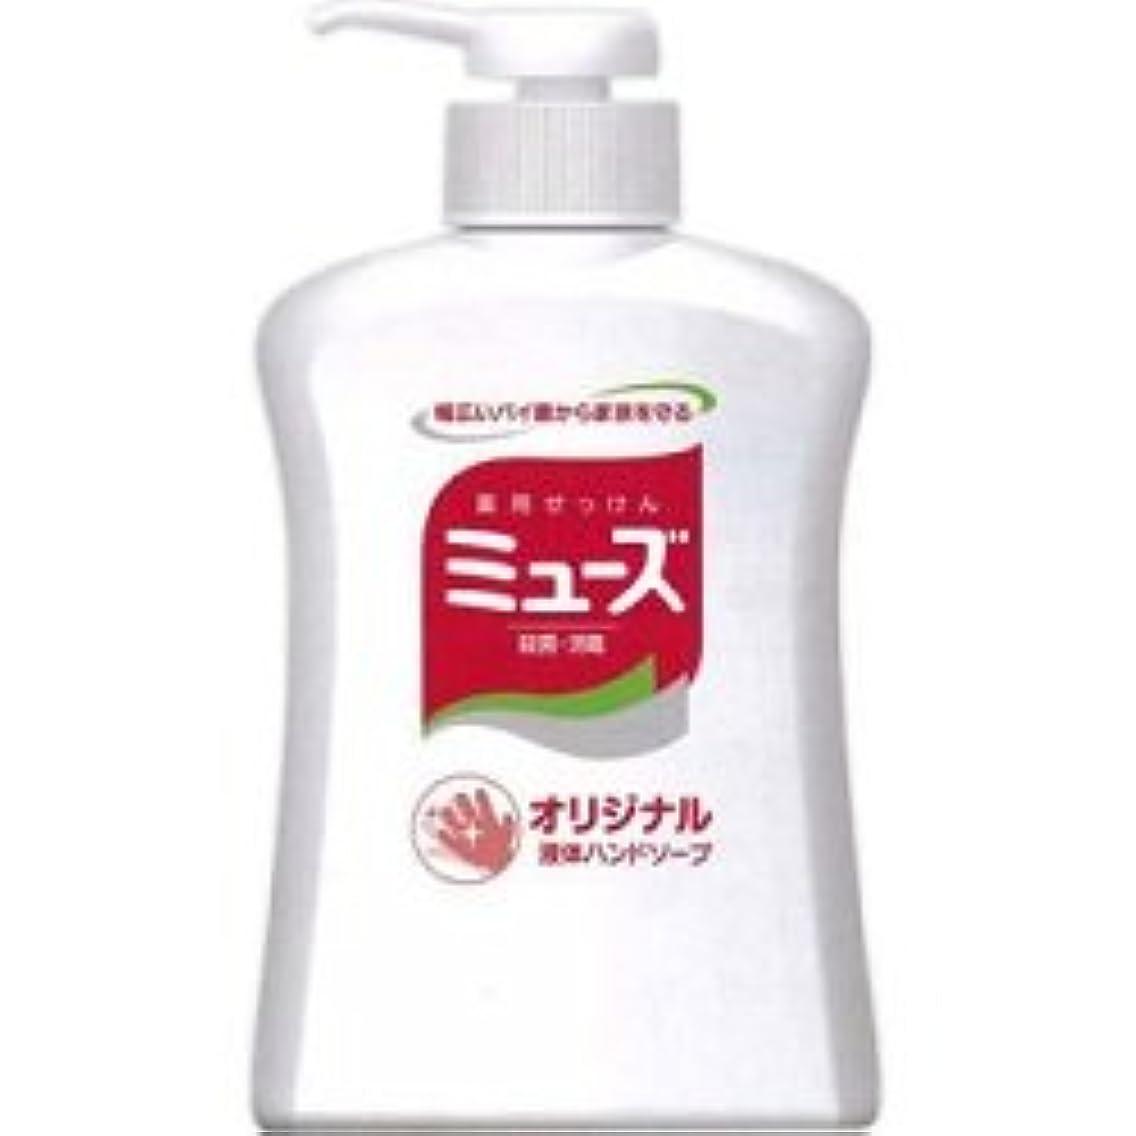 肉のりんごズーム【アース製薬】アース 液体ミューズ オリジナル 250ml ×10個セット